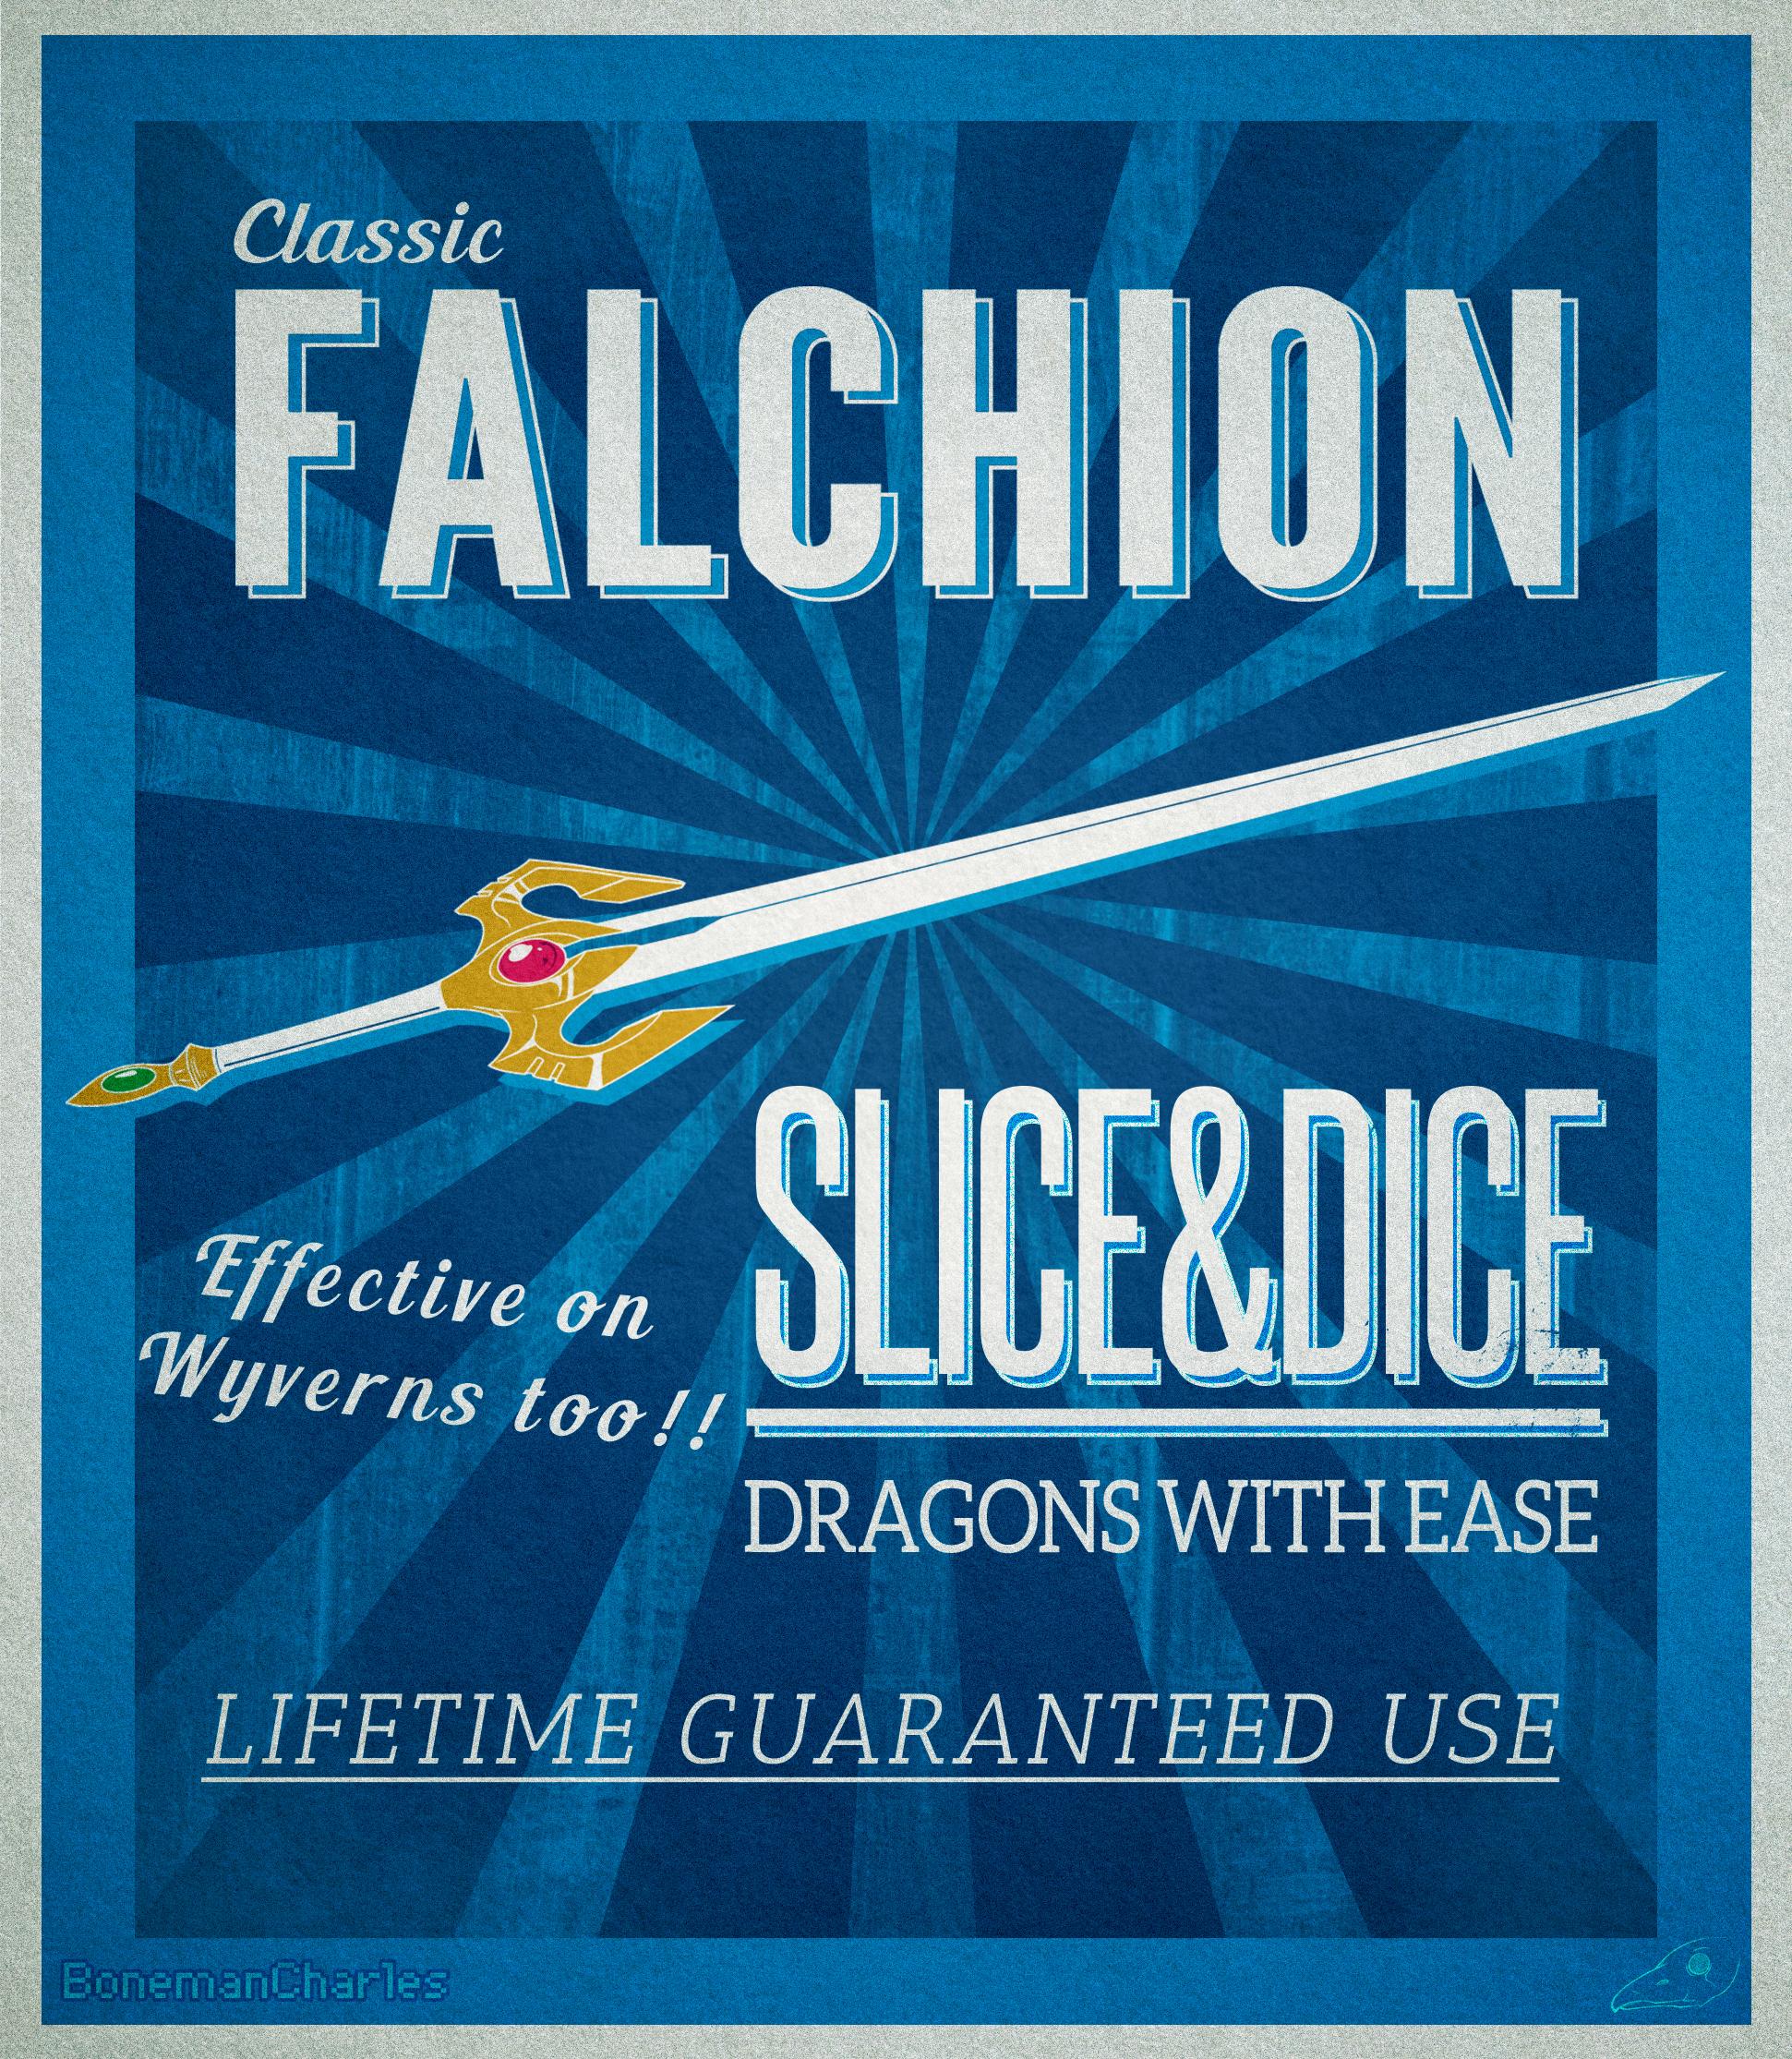 Fire Emblem Vintage Falchion poster